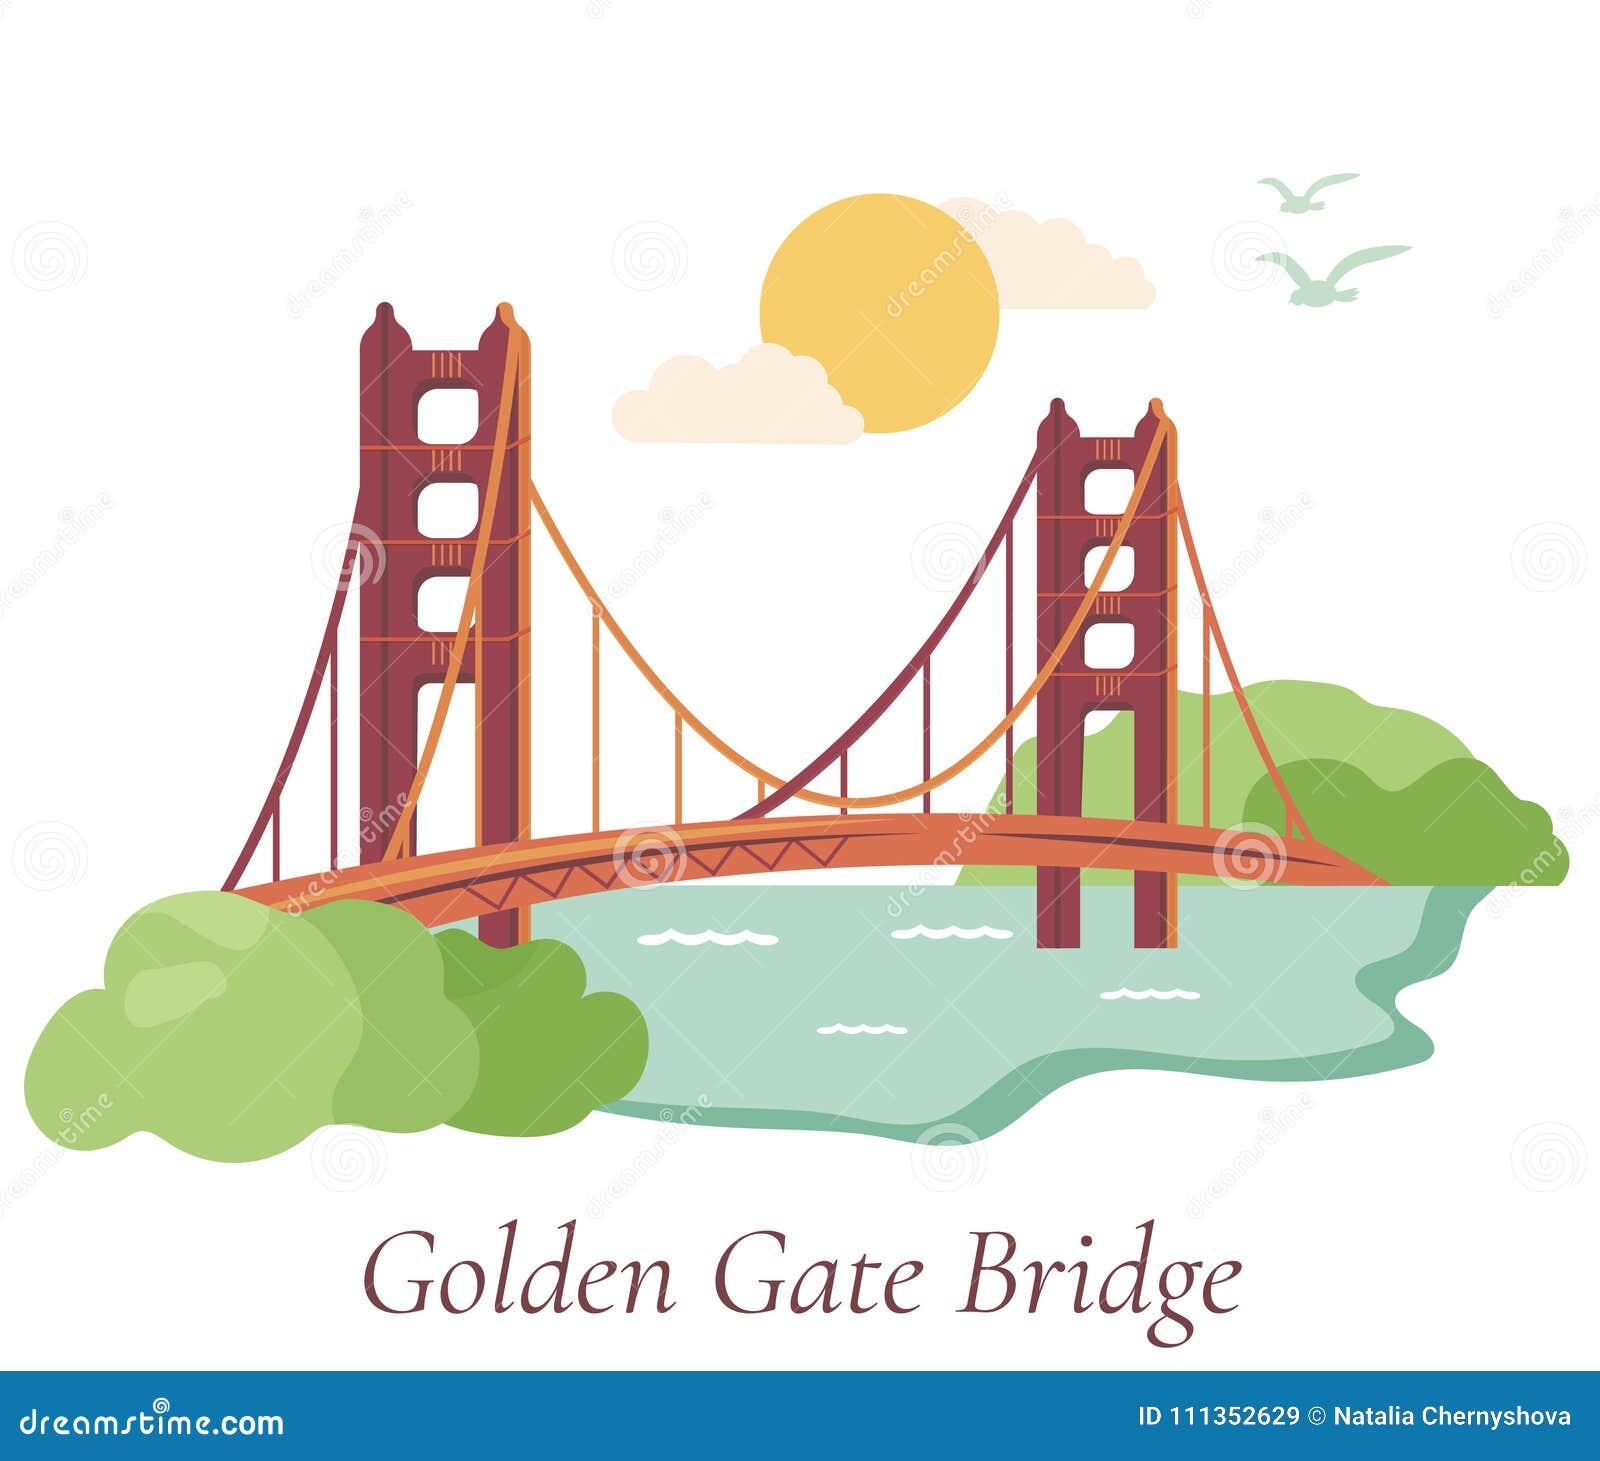 Manifesto di San Francisco con golden gate bridge